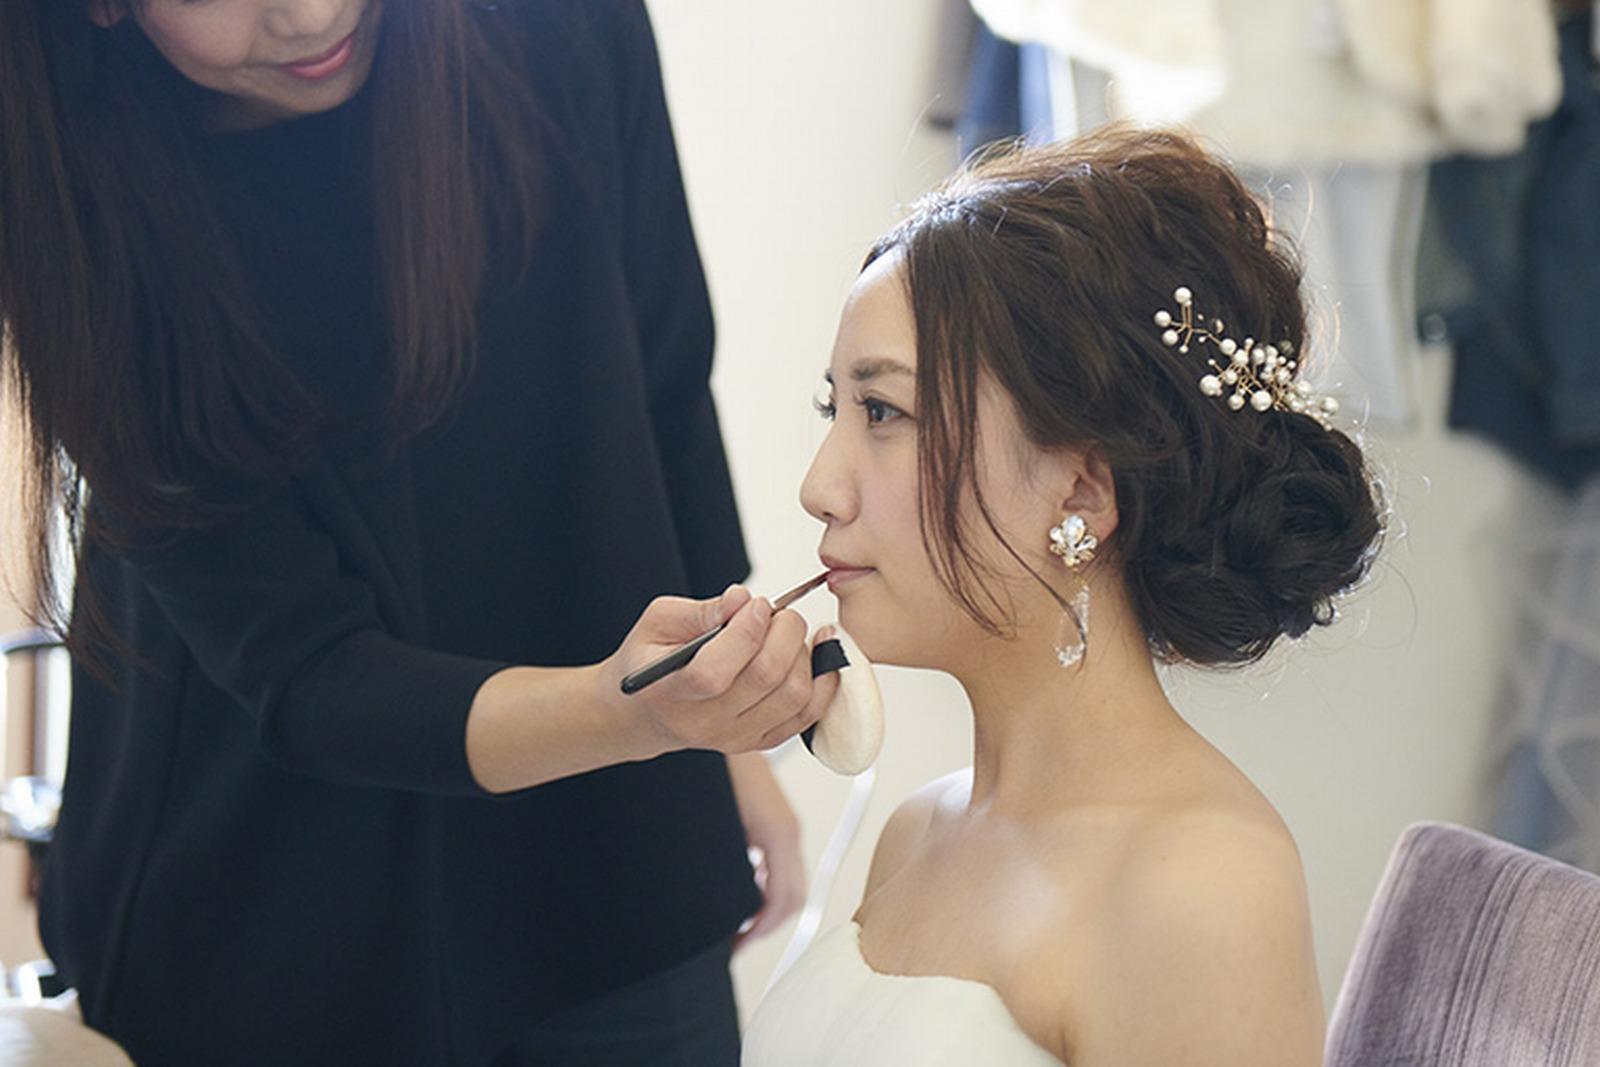 徳島県の結婚式場ブランアンジュの控室で支度をする新婦